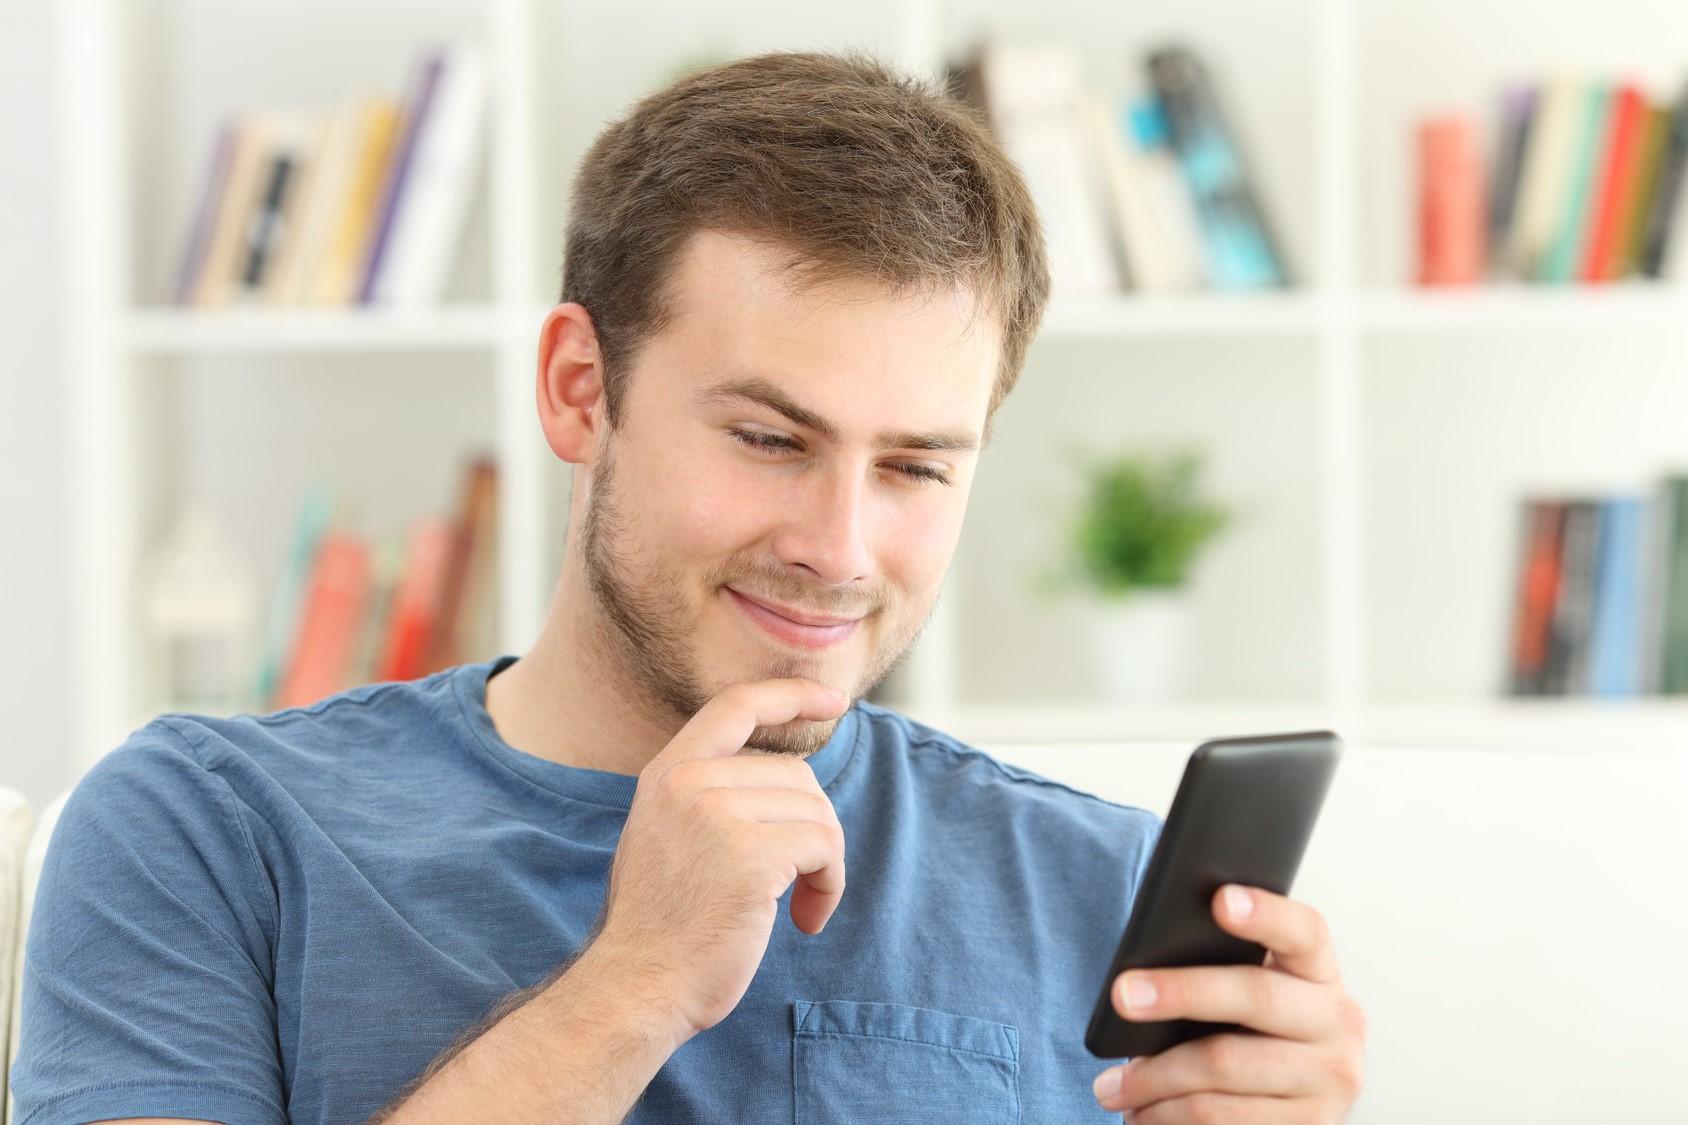 просматривать информацию в телефоне